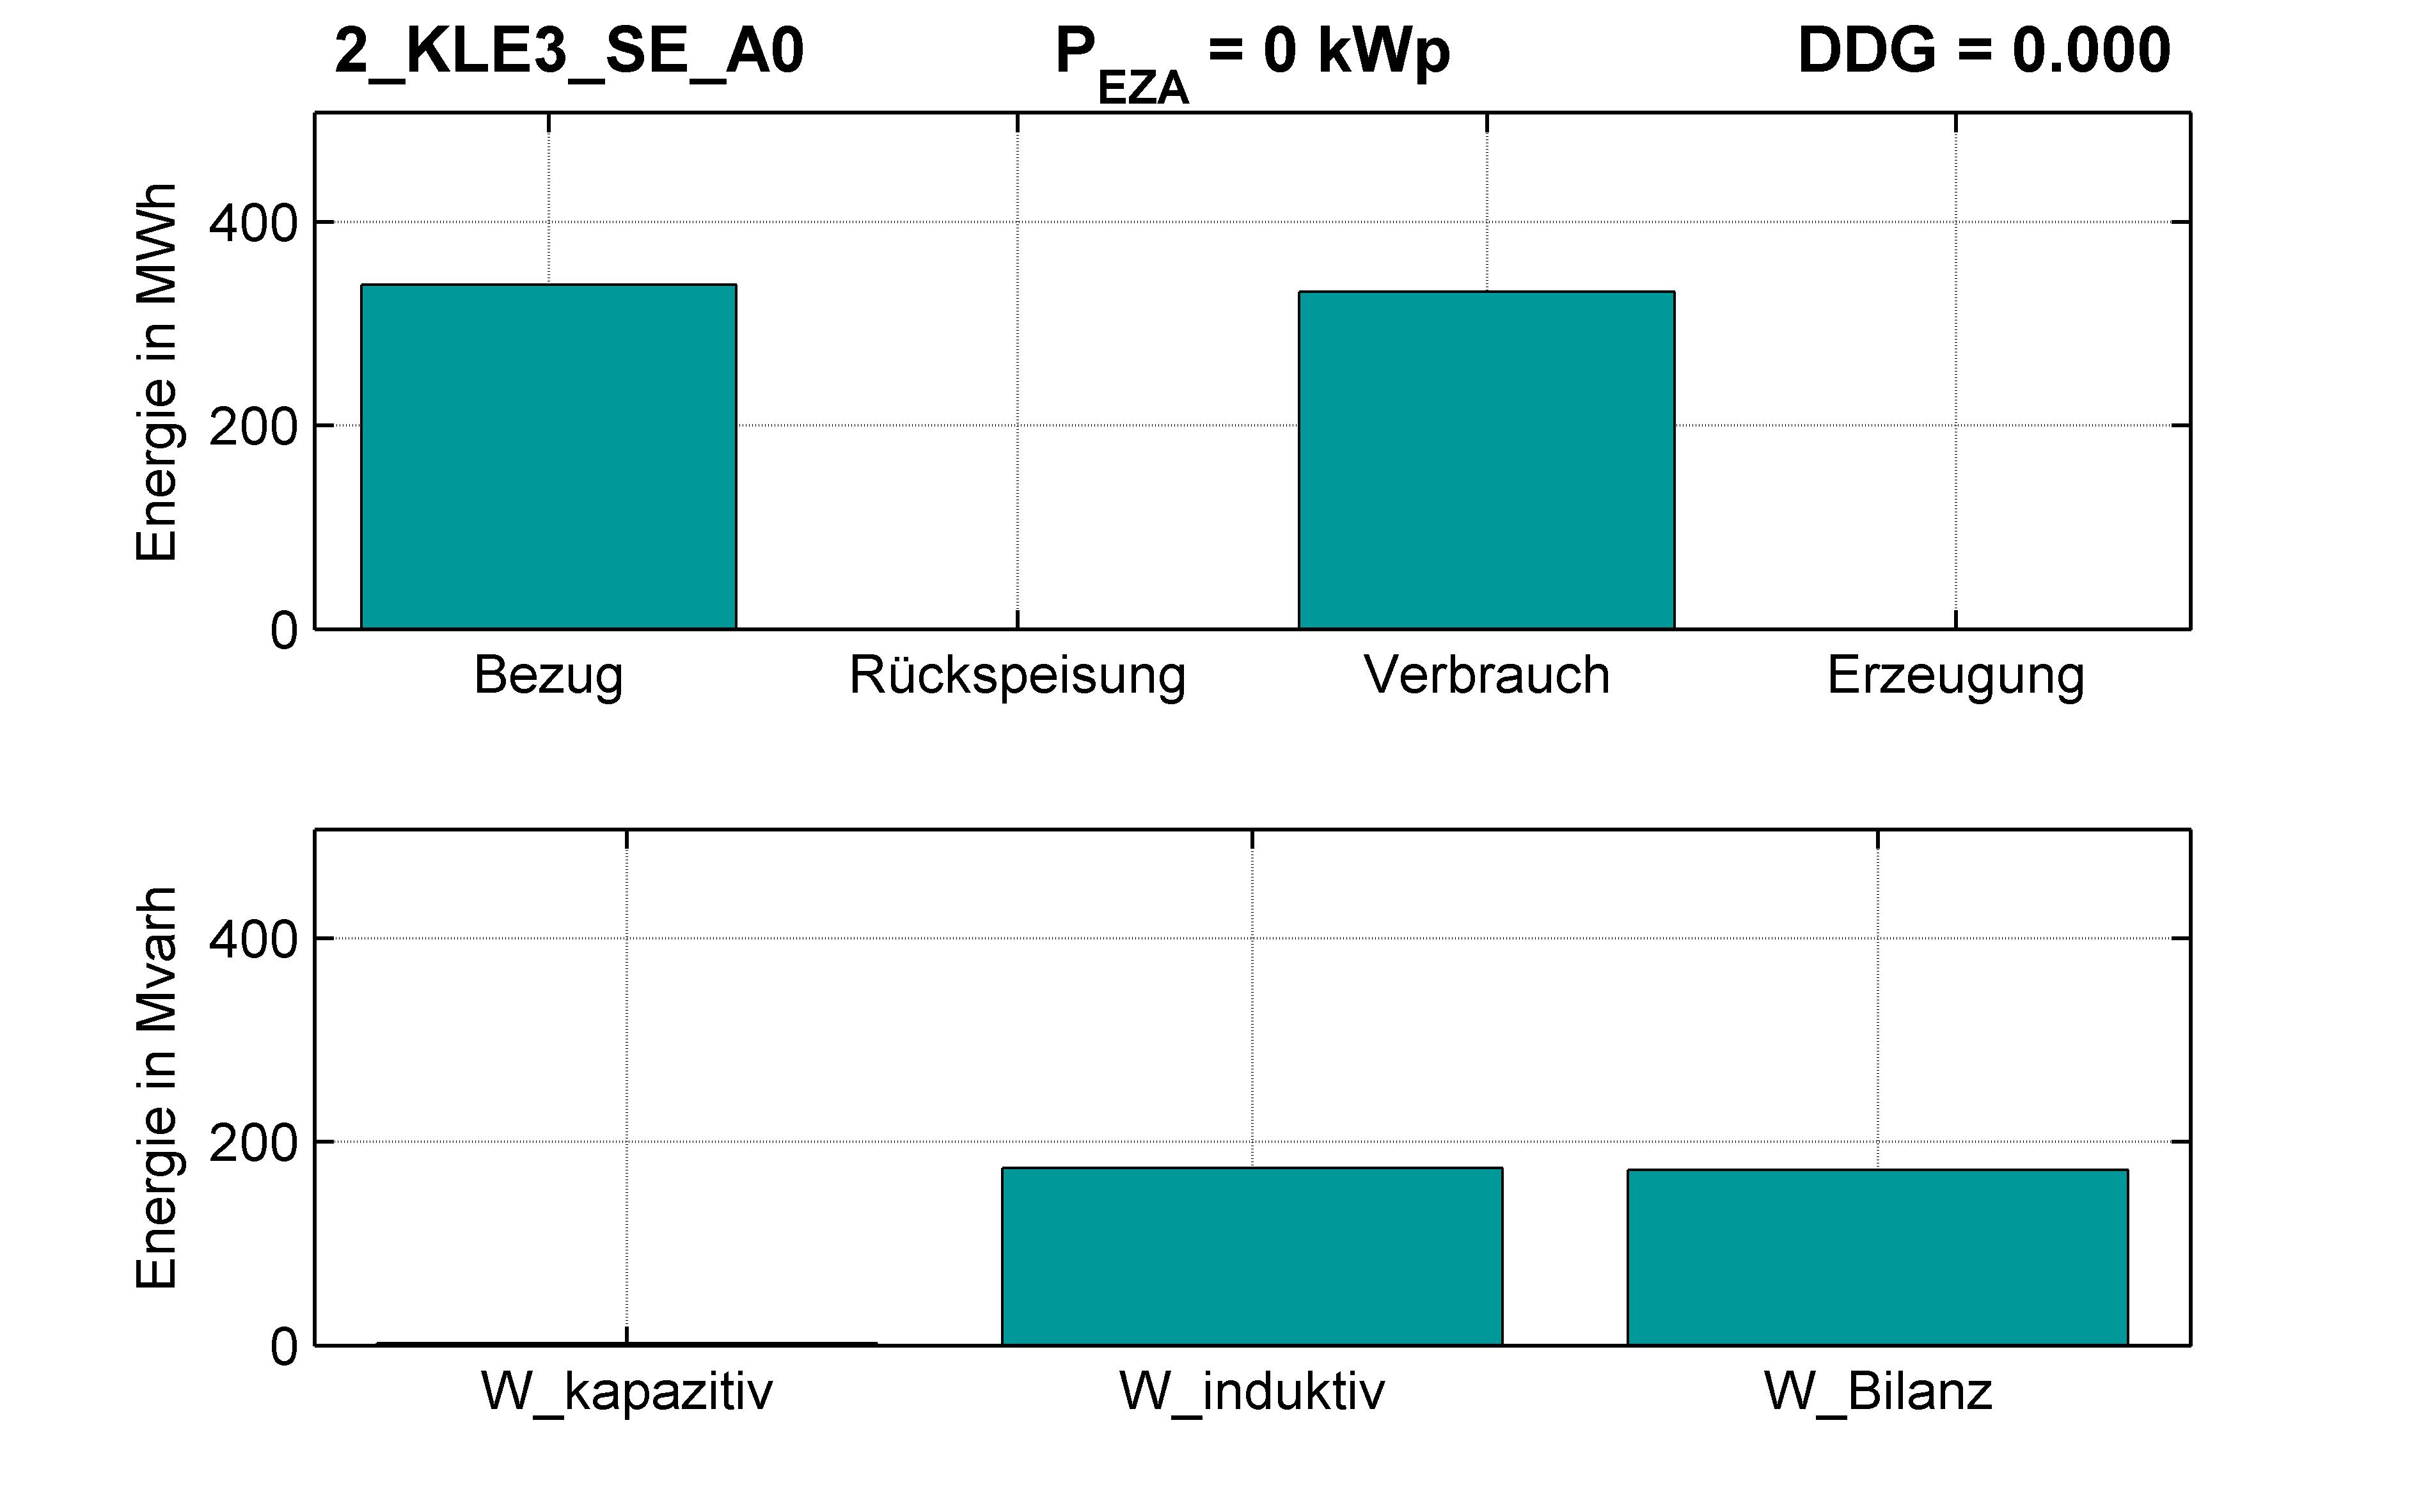 KLE3 | P-Kappung 85% (SE) A0 | PQ-Bilanz